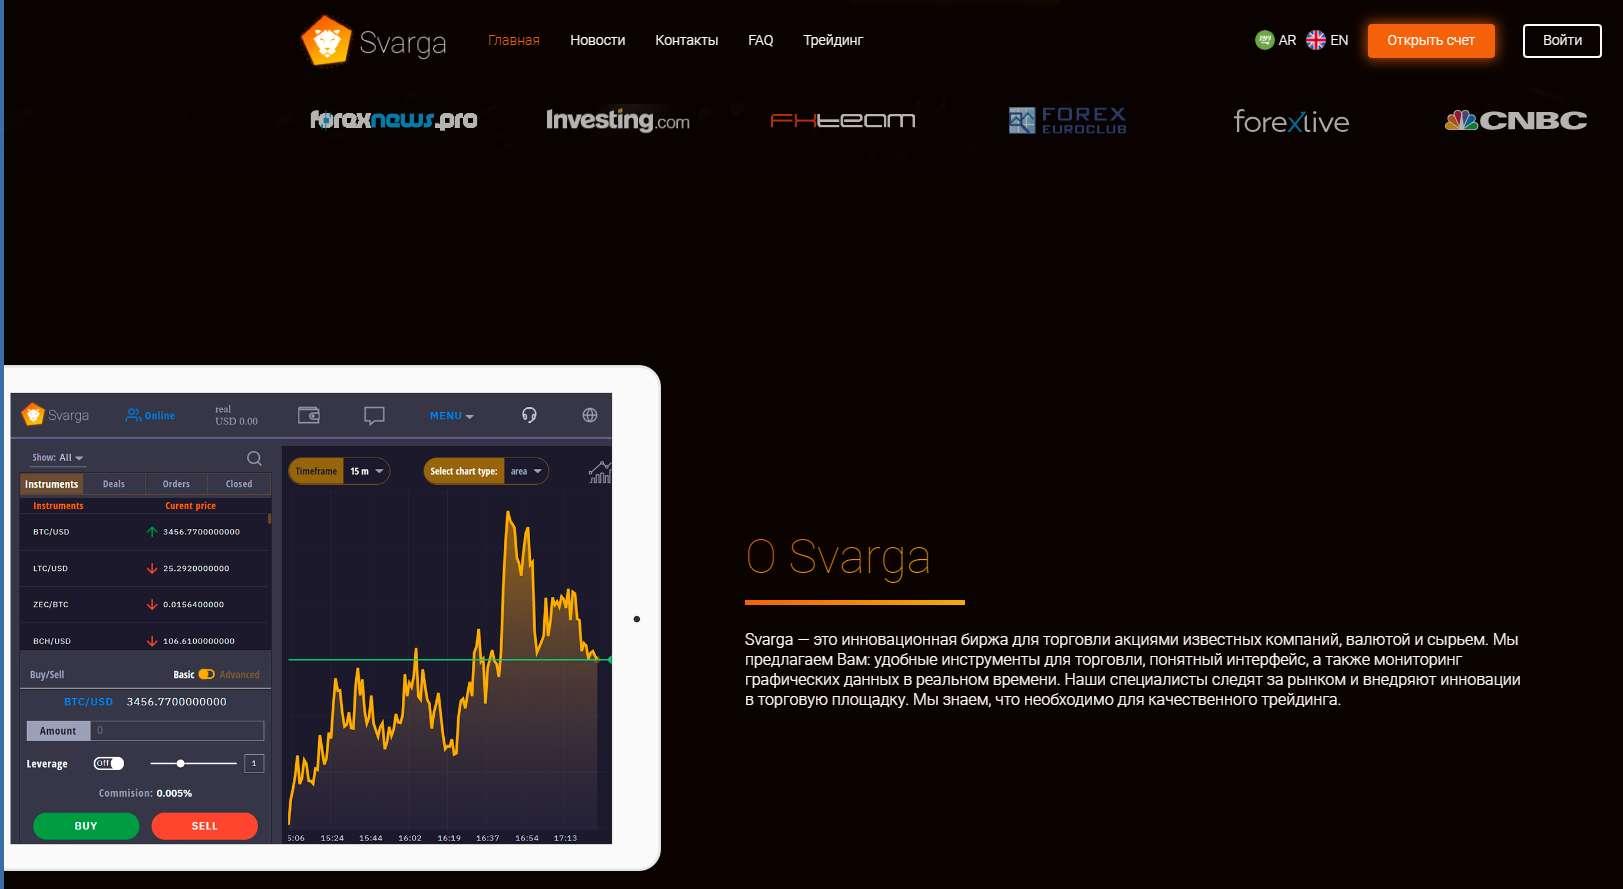 Svarga – очередной брокер-мошенник? Отзывы о Svarga.